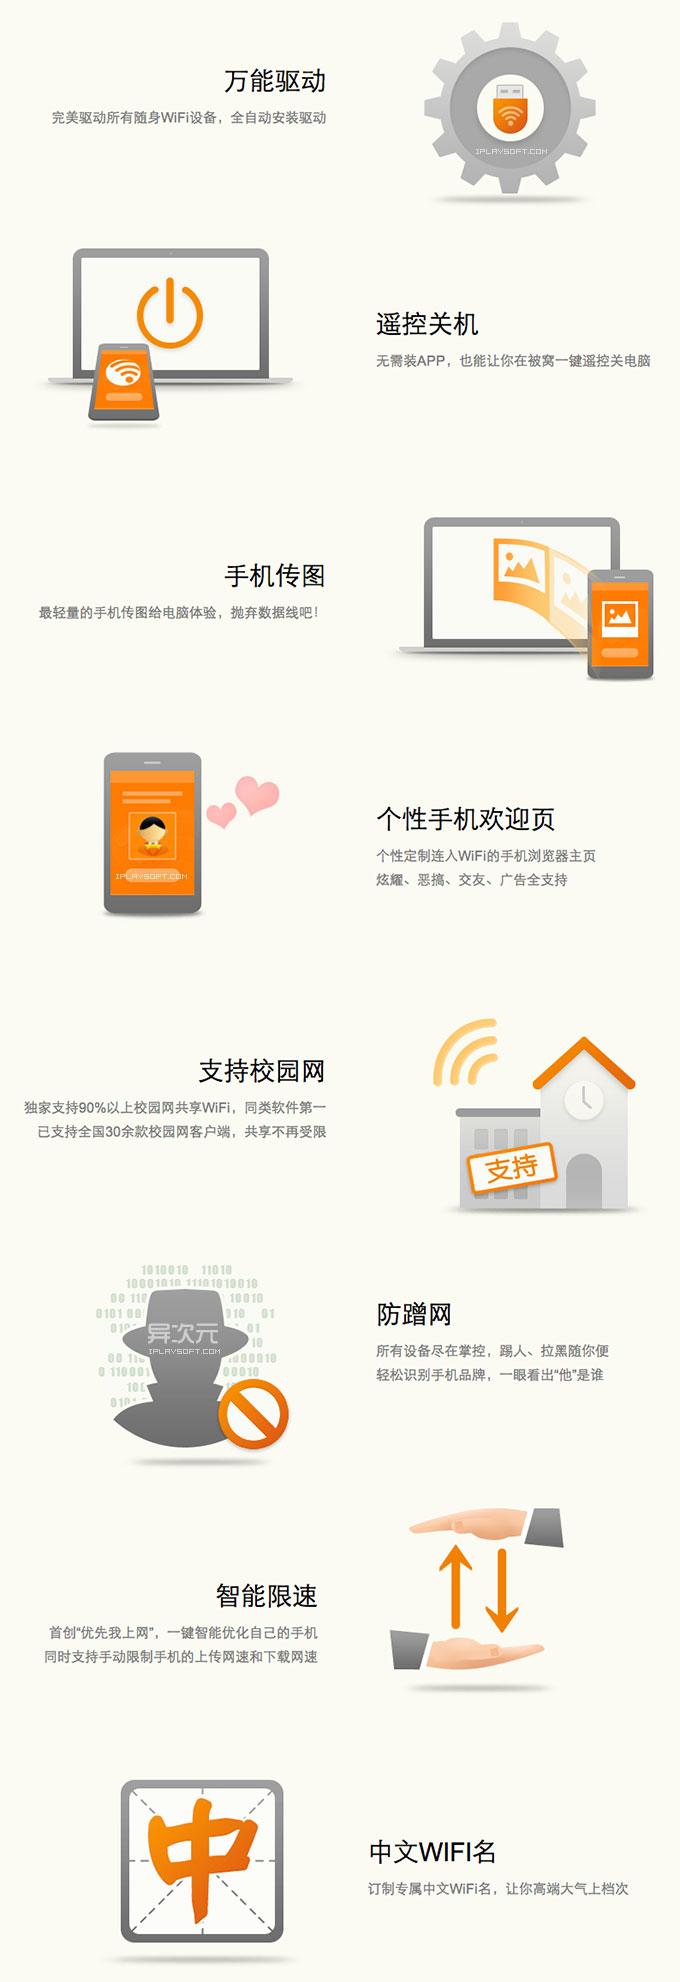 猎豹免费WiFi功能特性